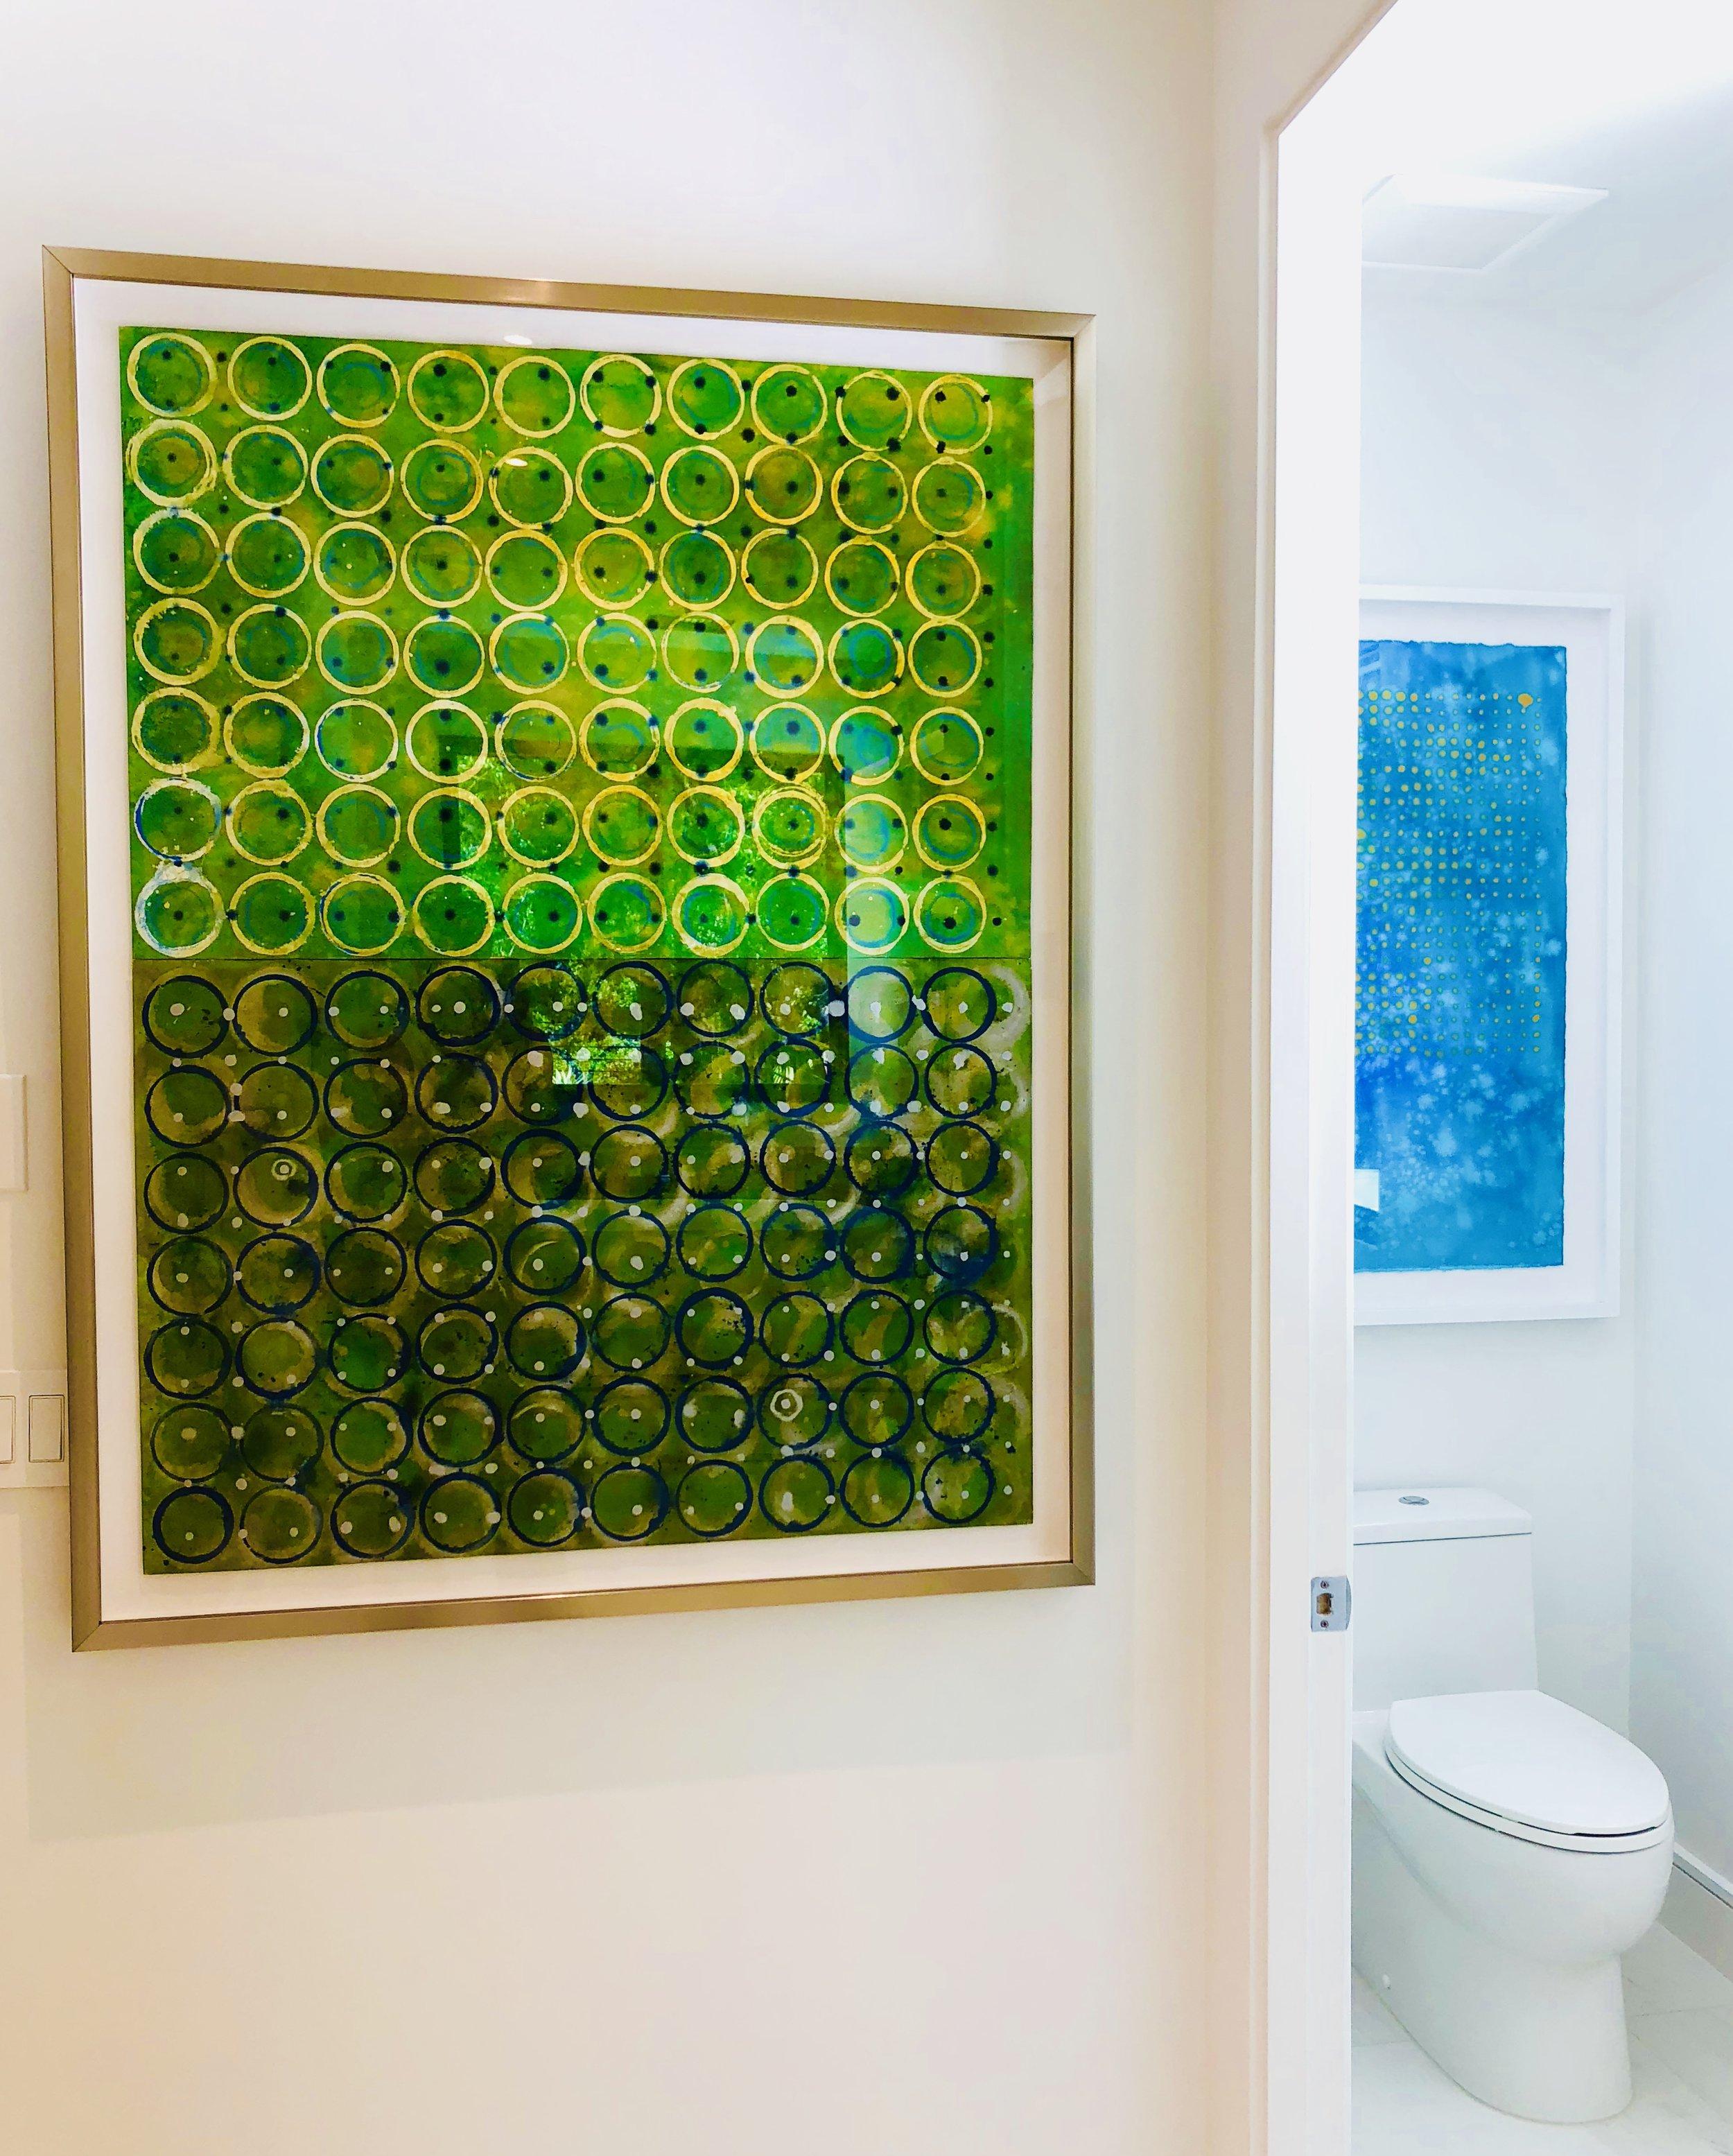 Green AquaTint Circle Series II :  $3995.   AquaTint Sky Series III :  $1995.